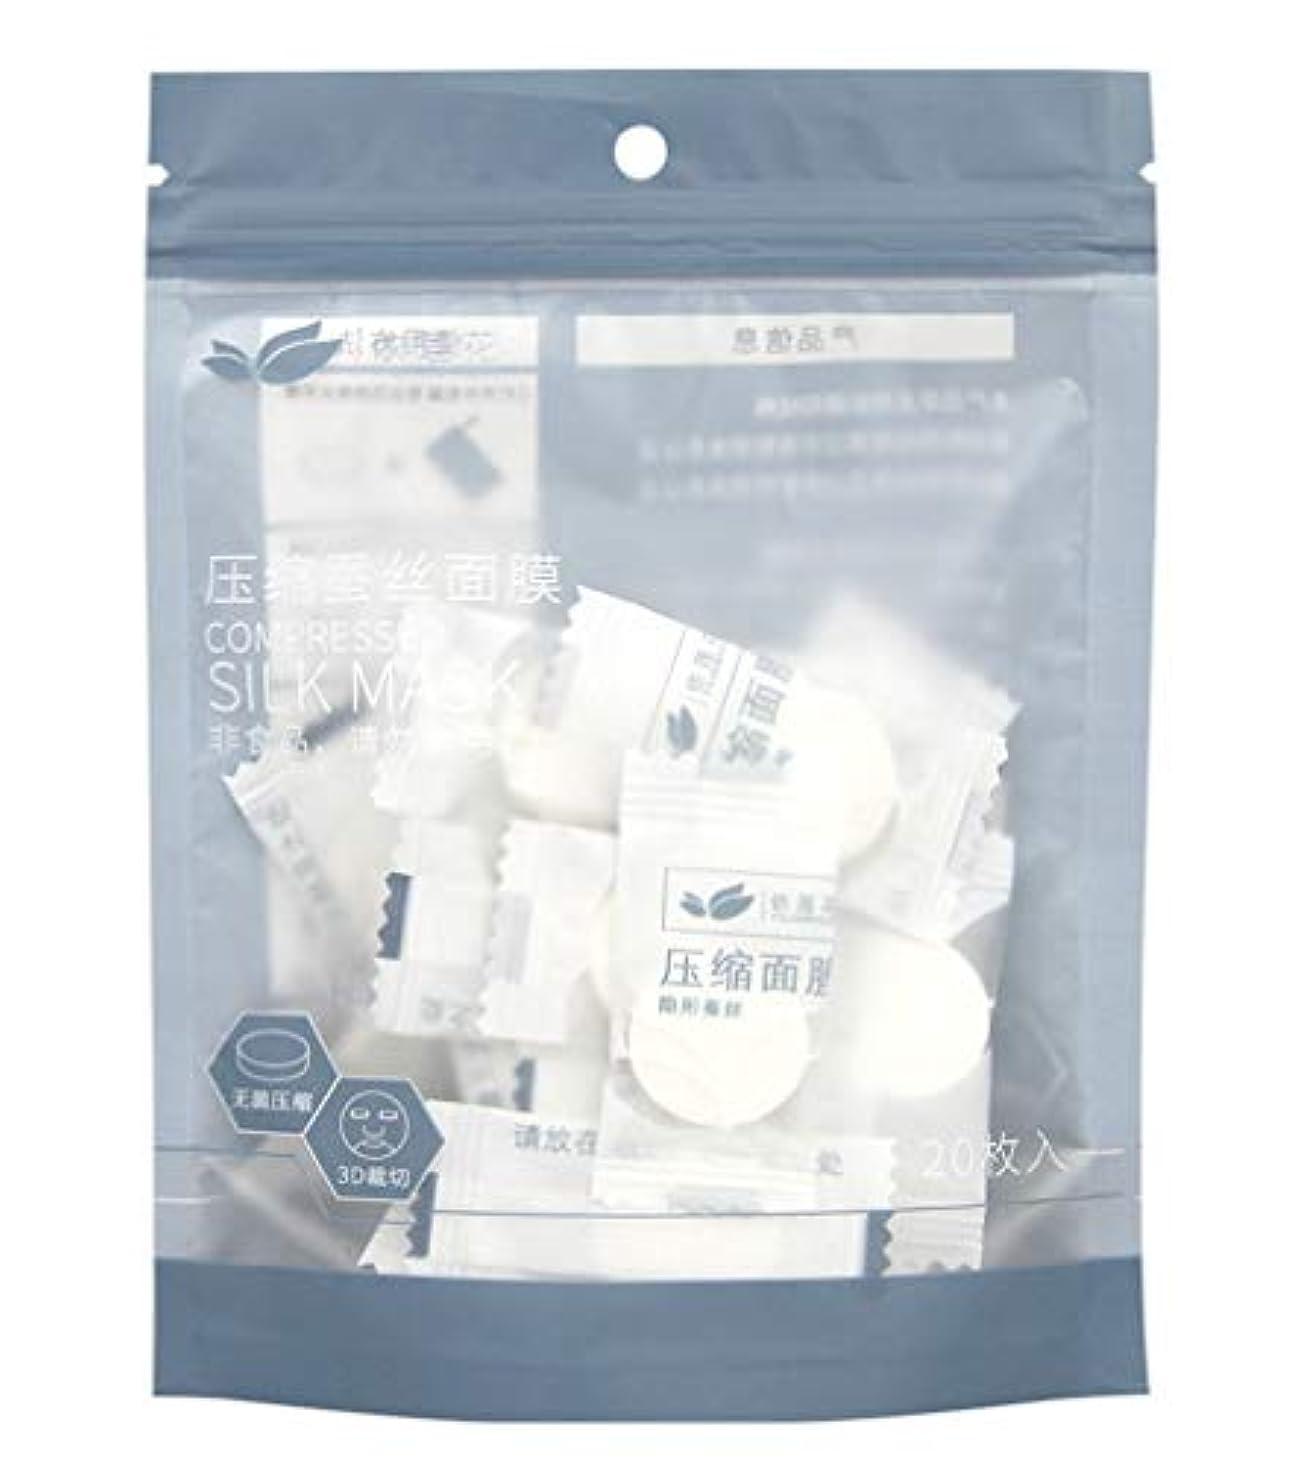 起きろエンドウ貼り直す圧縮マスク 圧縮フェイスマスク スキンケア DIY美容マスク 20個入り DIY 携帯便利 使い捨て